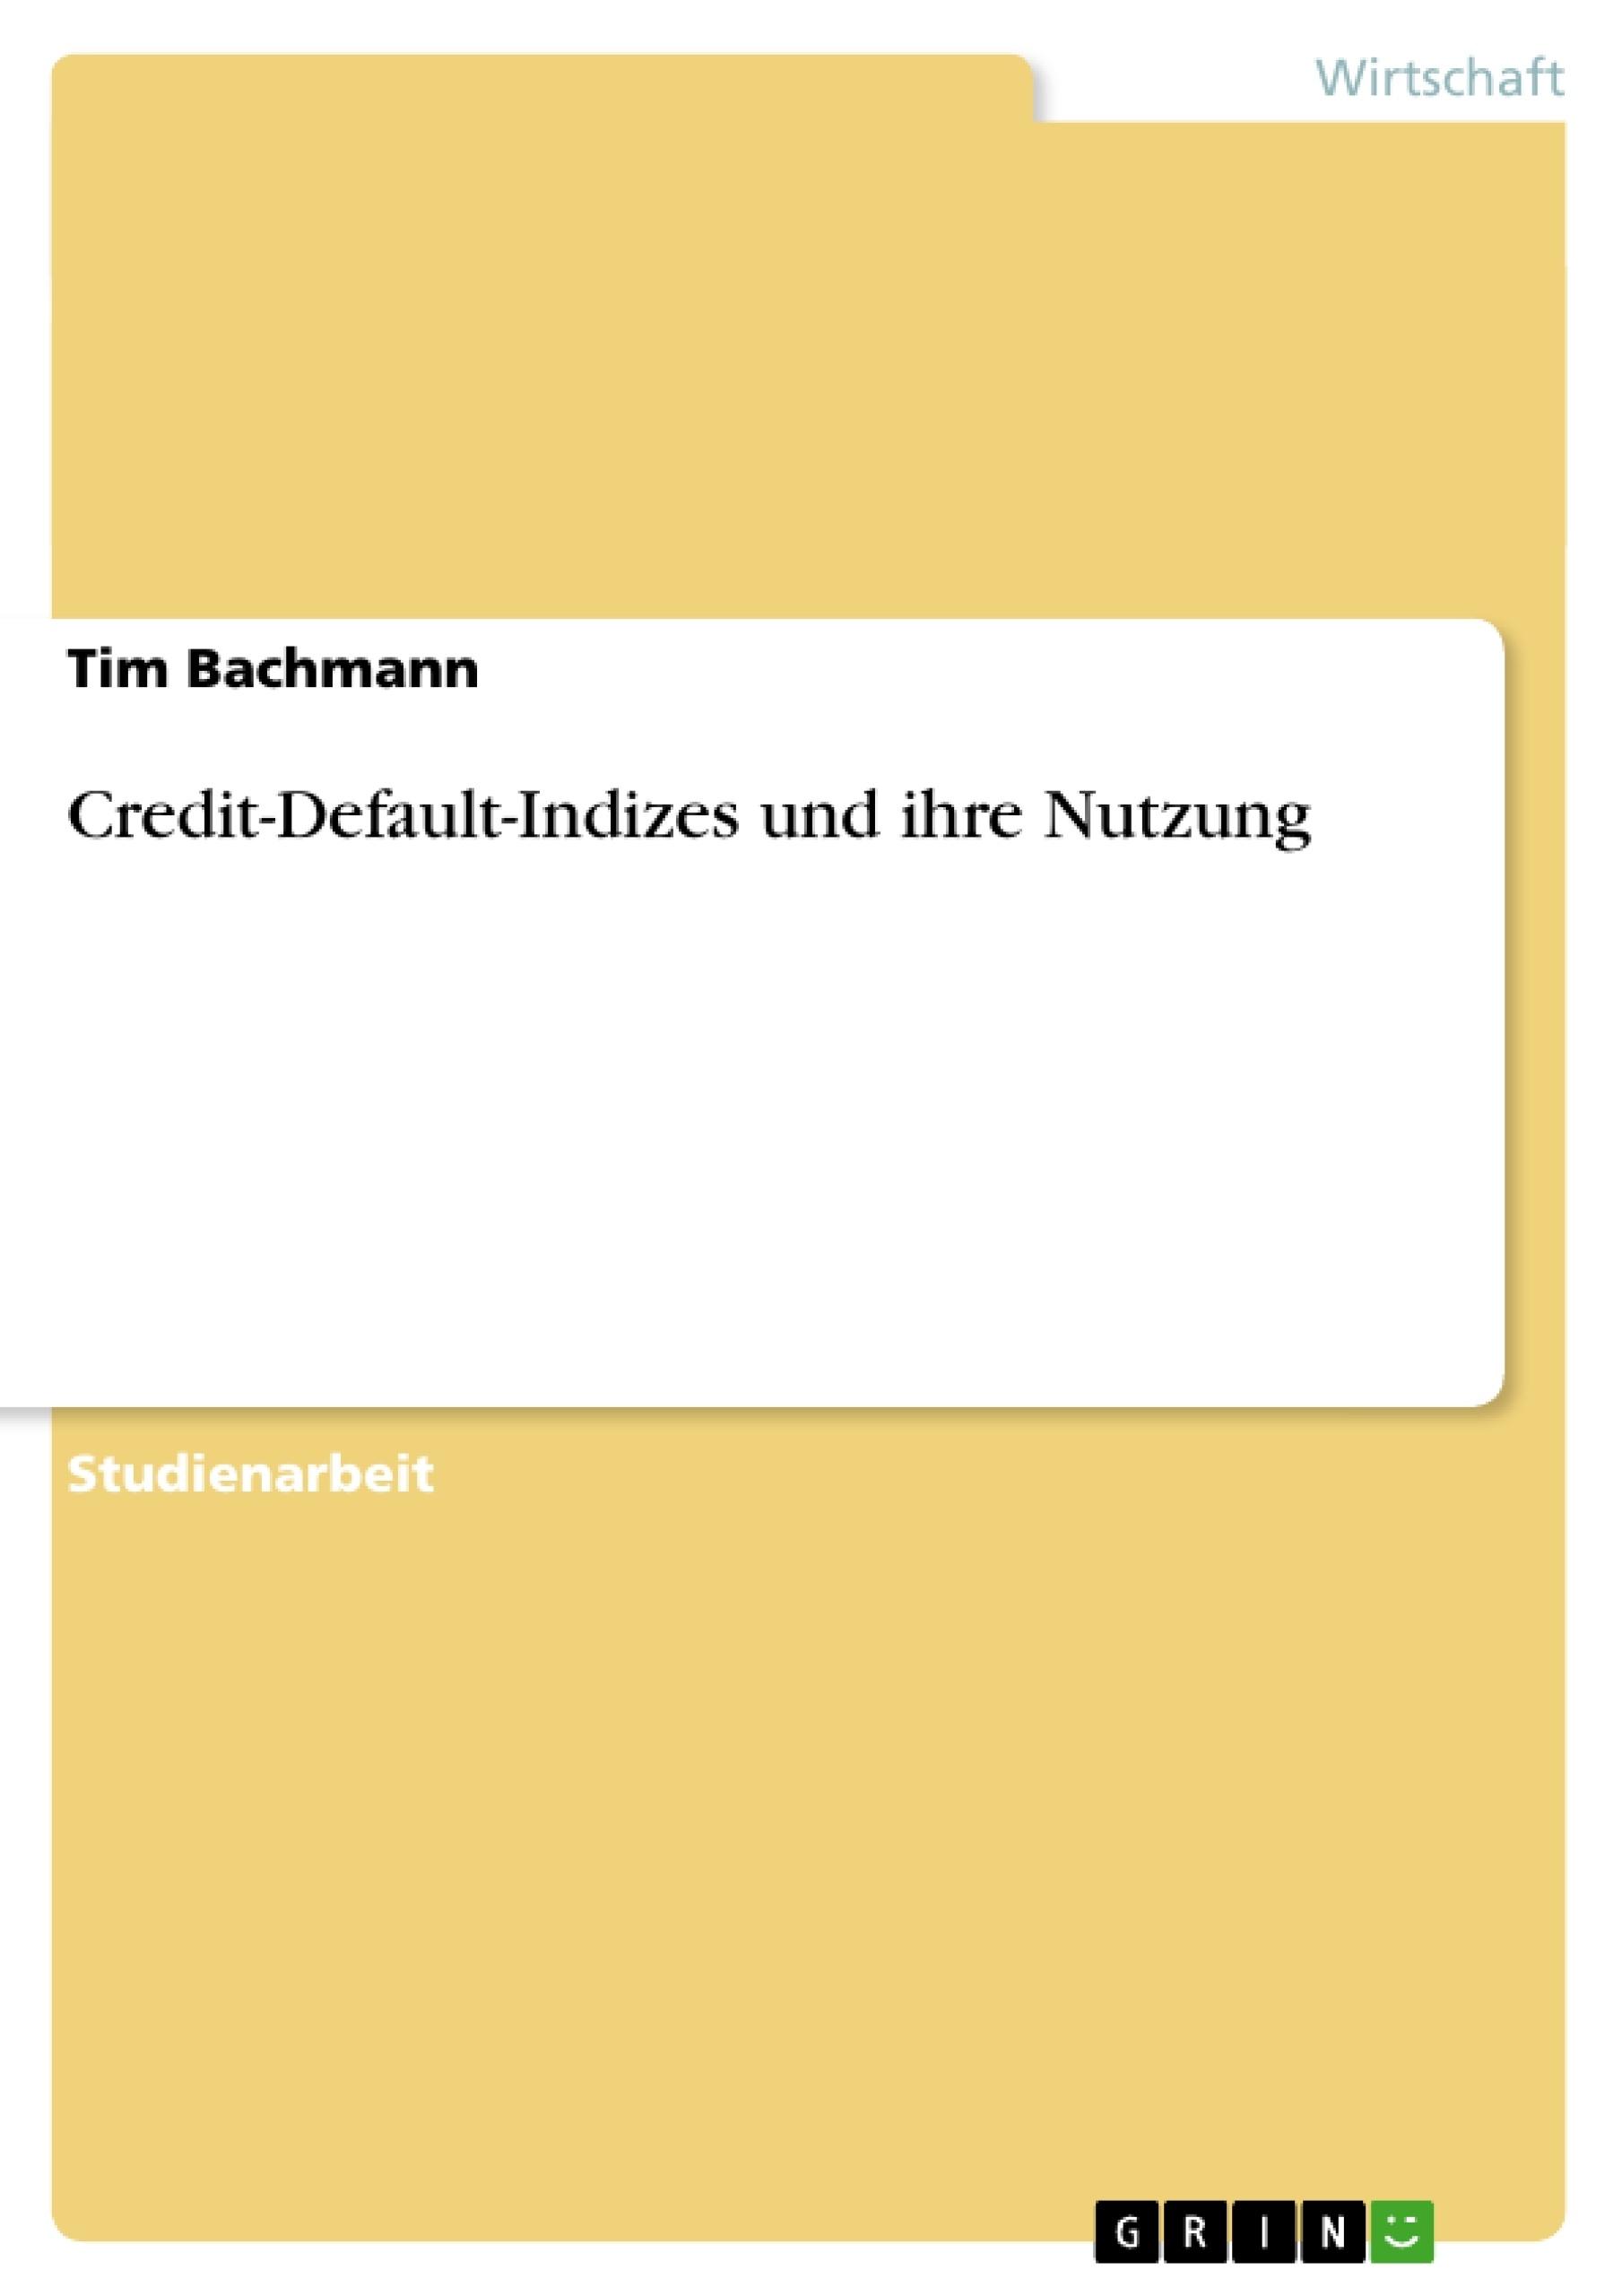 Titel: Credit-Default-Indizes und ihre Nutzung